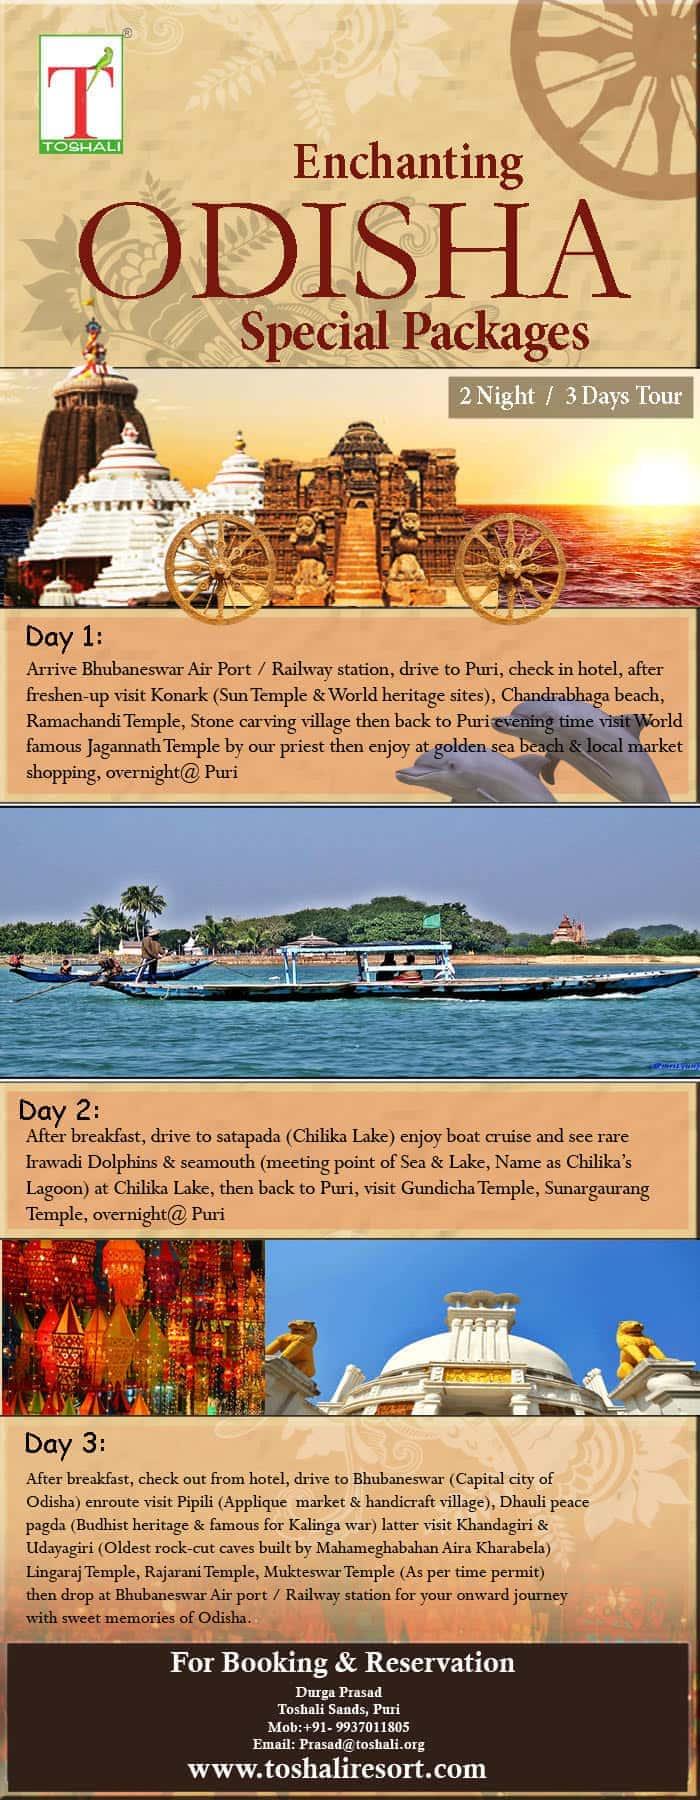 Enchanting of Odisha Tours